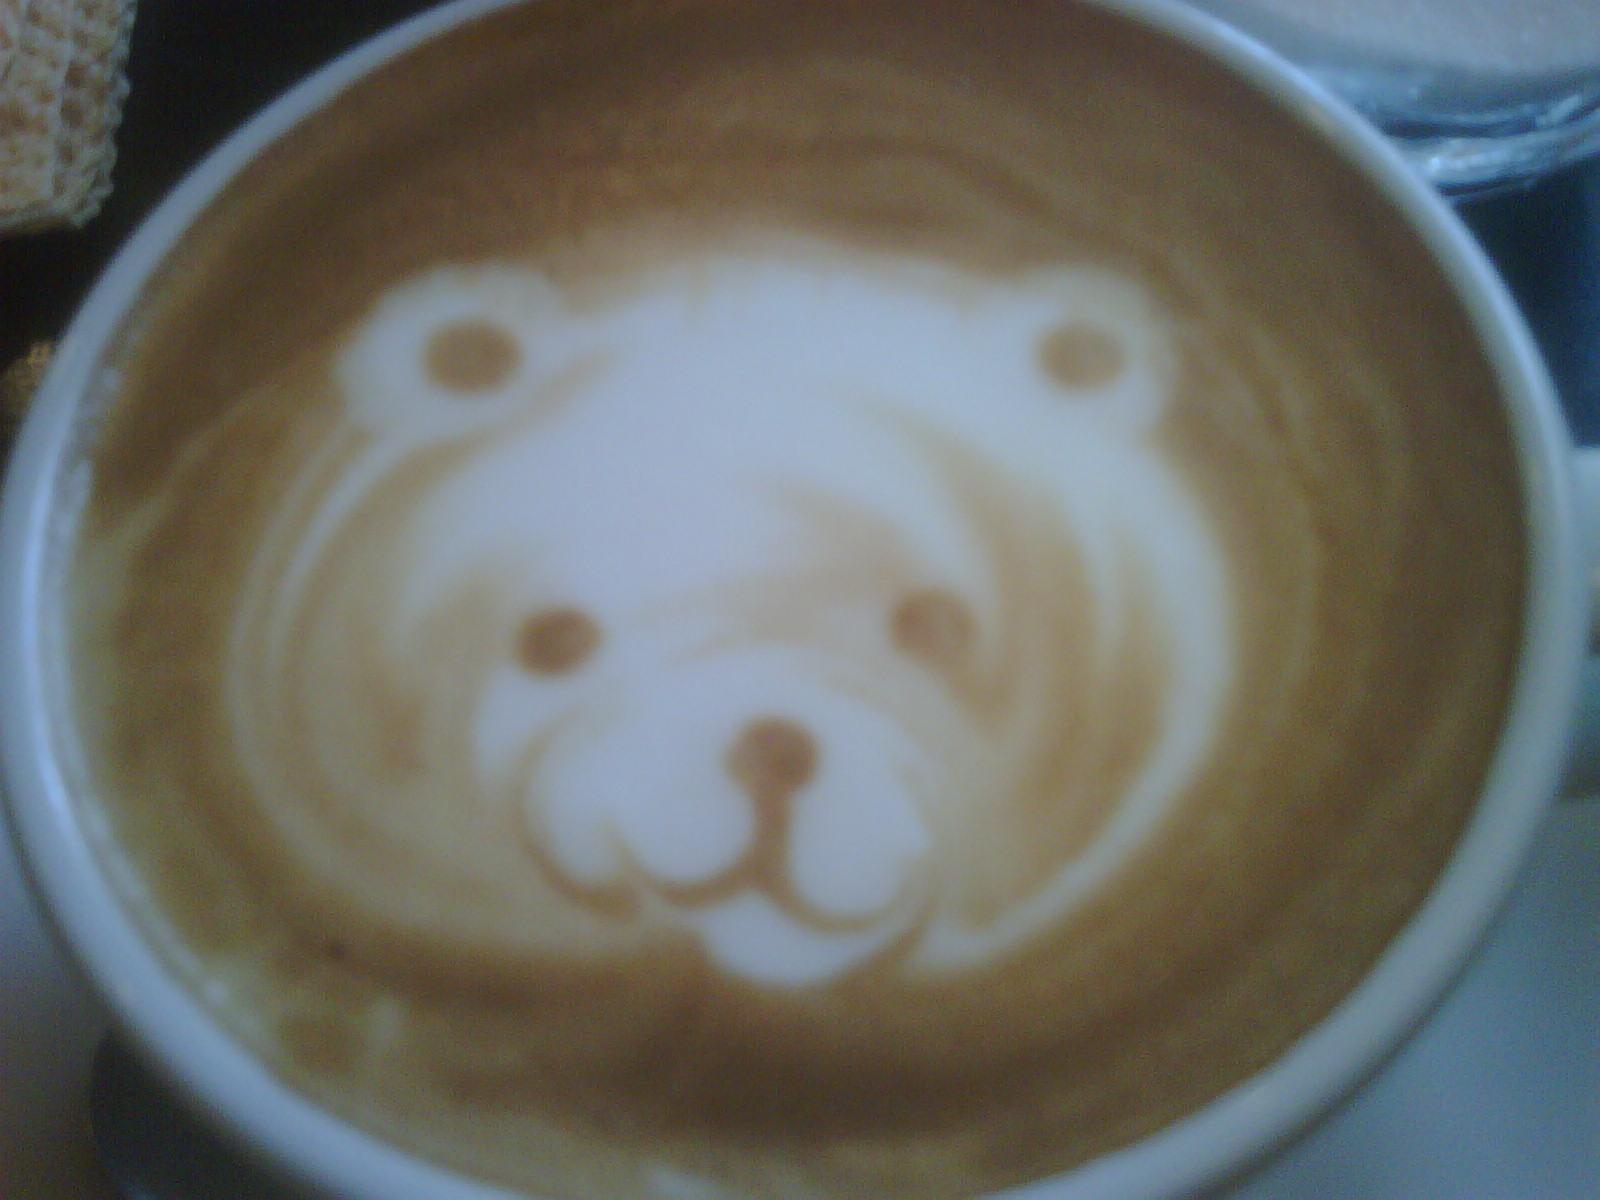 bear20Coffe.jpg